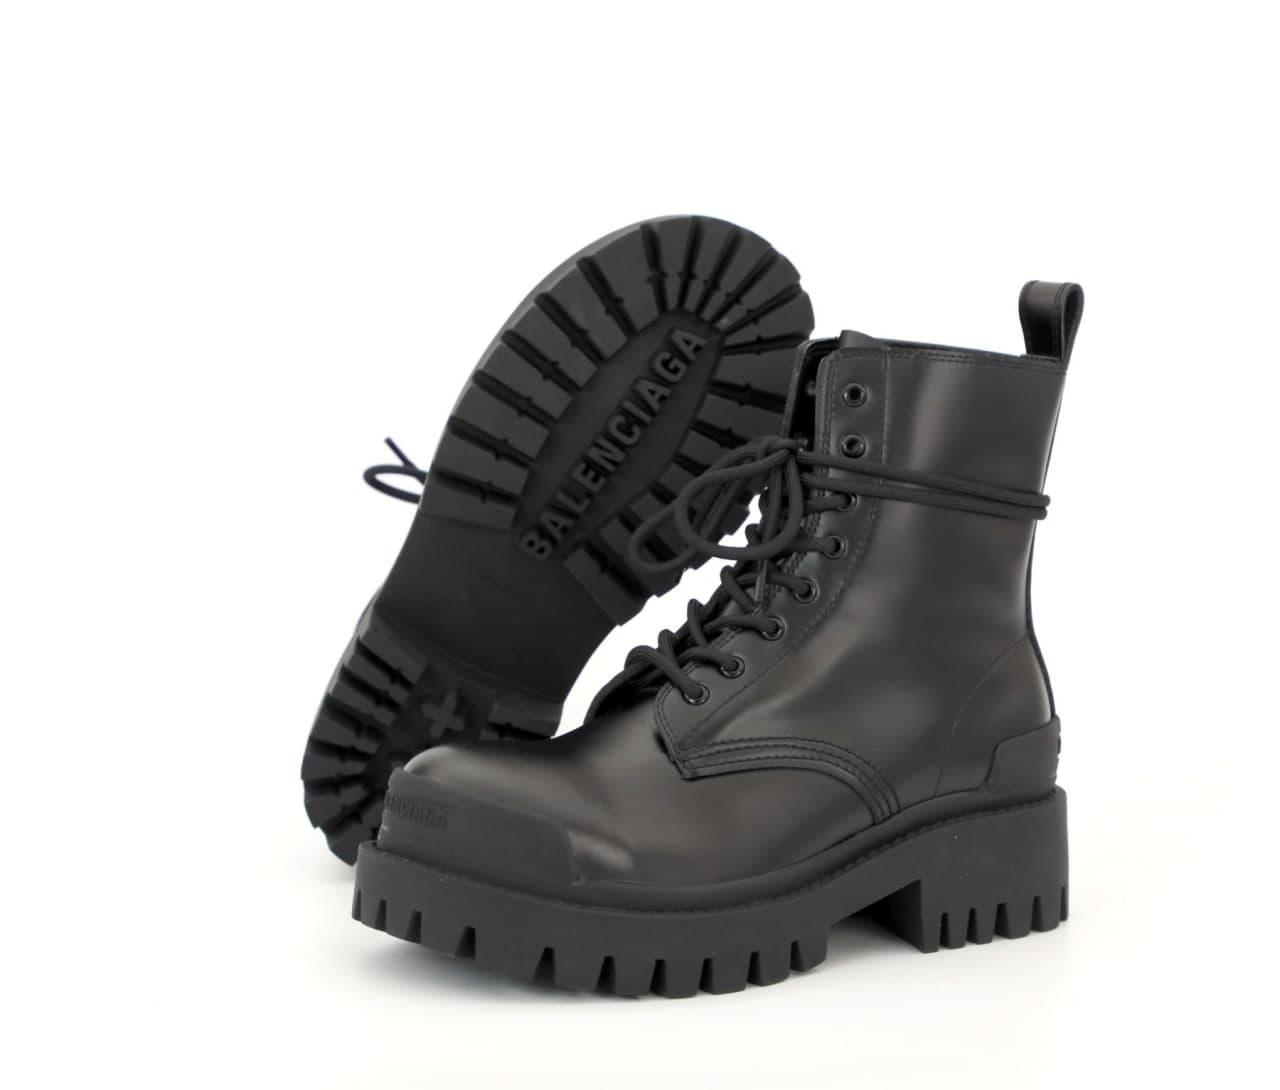 Женские ботинки Bаlenсіagа Strike 31864 черные